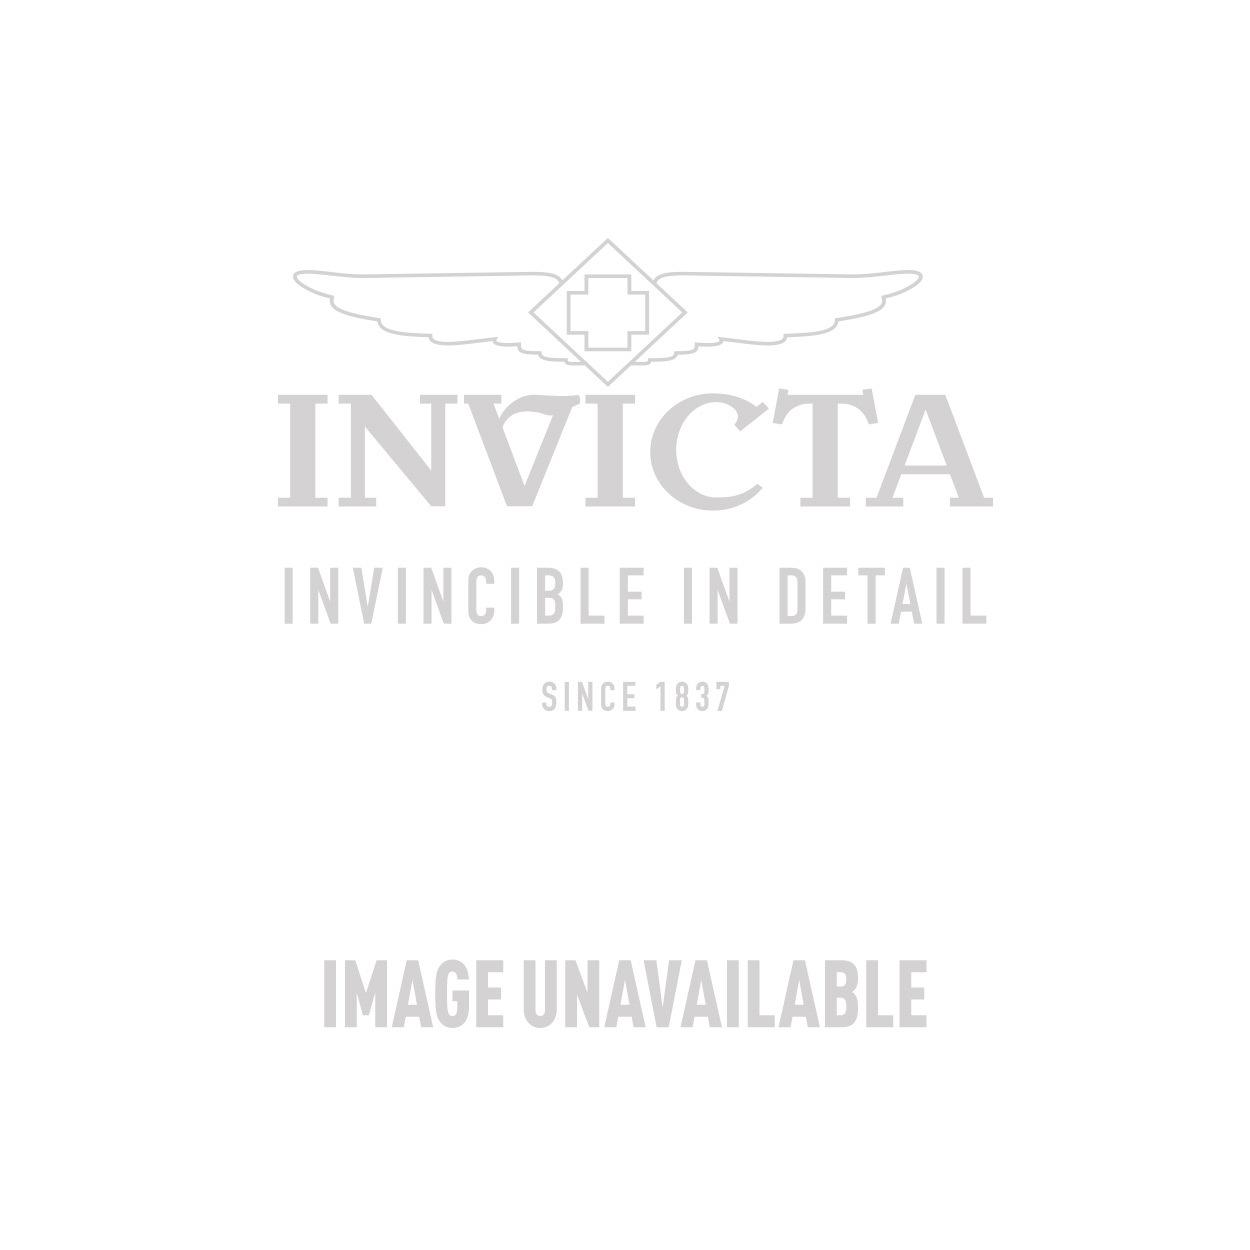 Invicta Model 23932